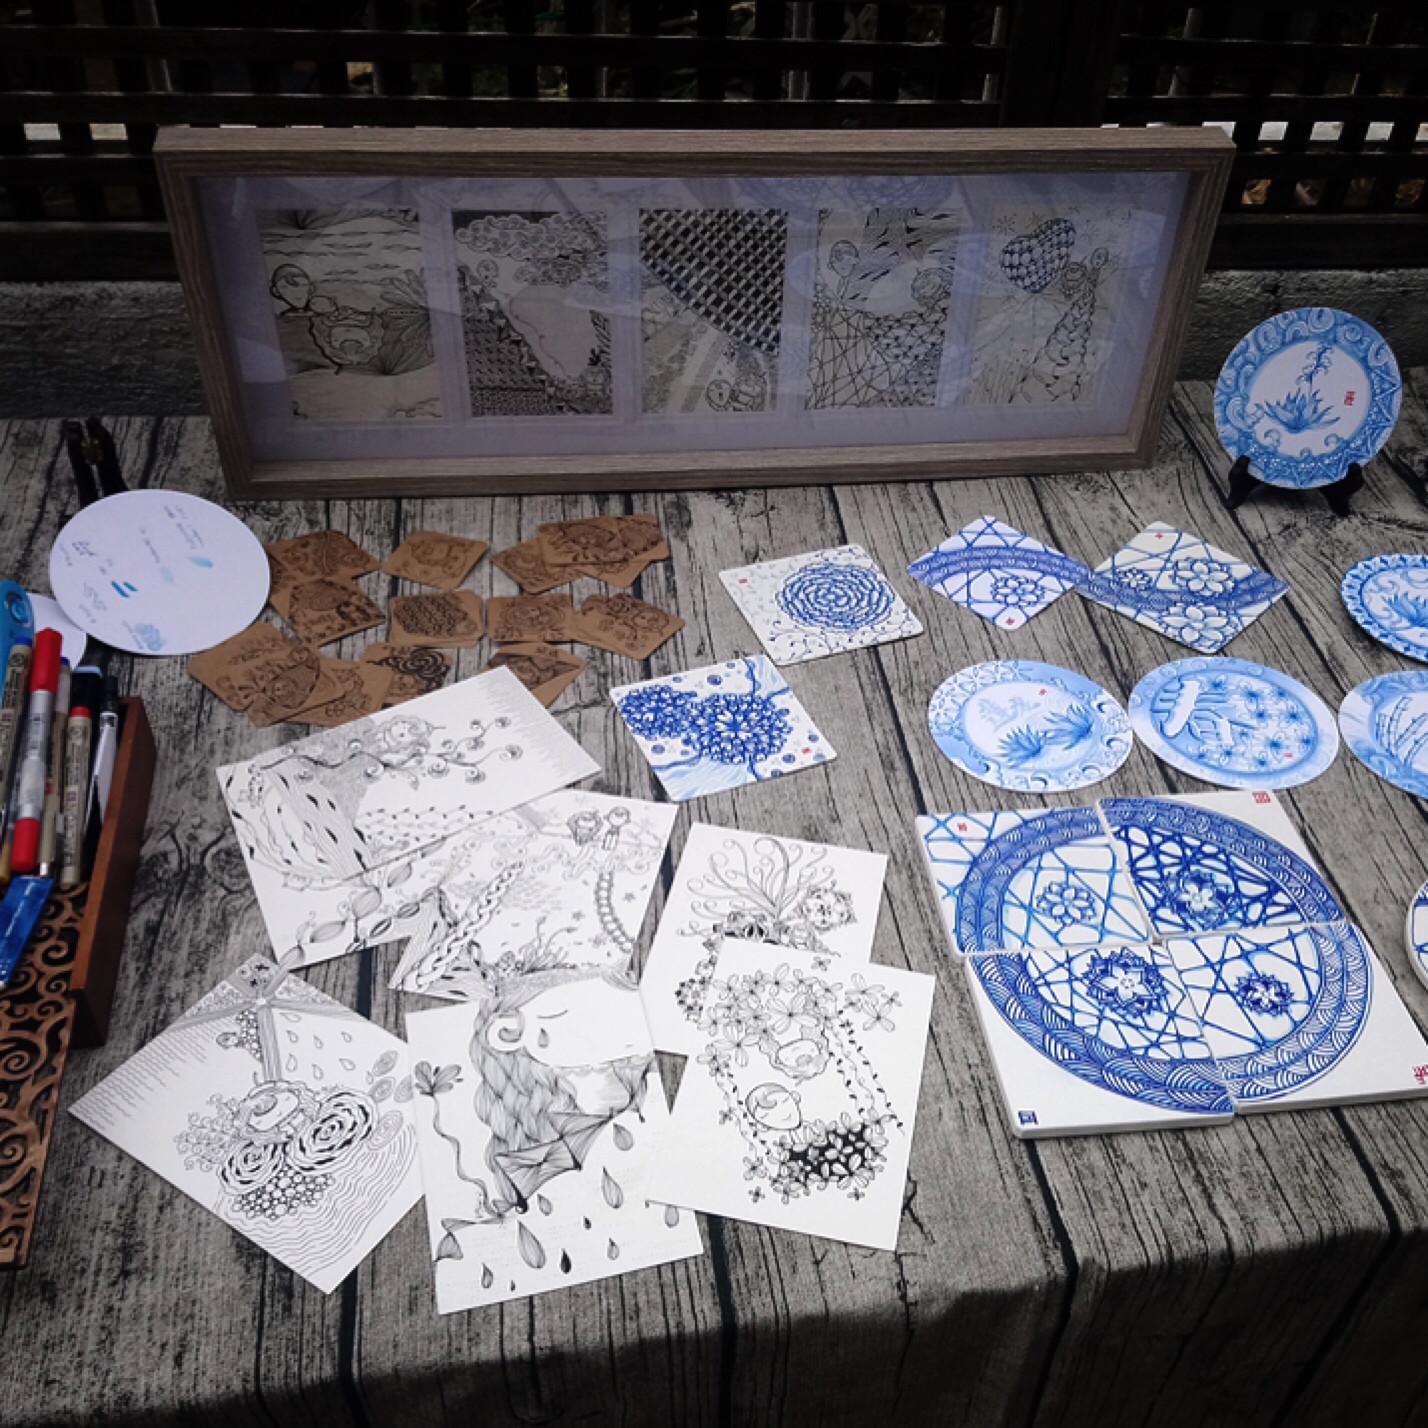 活着如初狂熱集合日-禪繞青花瓷 Blue & White 工作坊